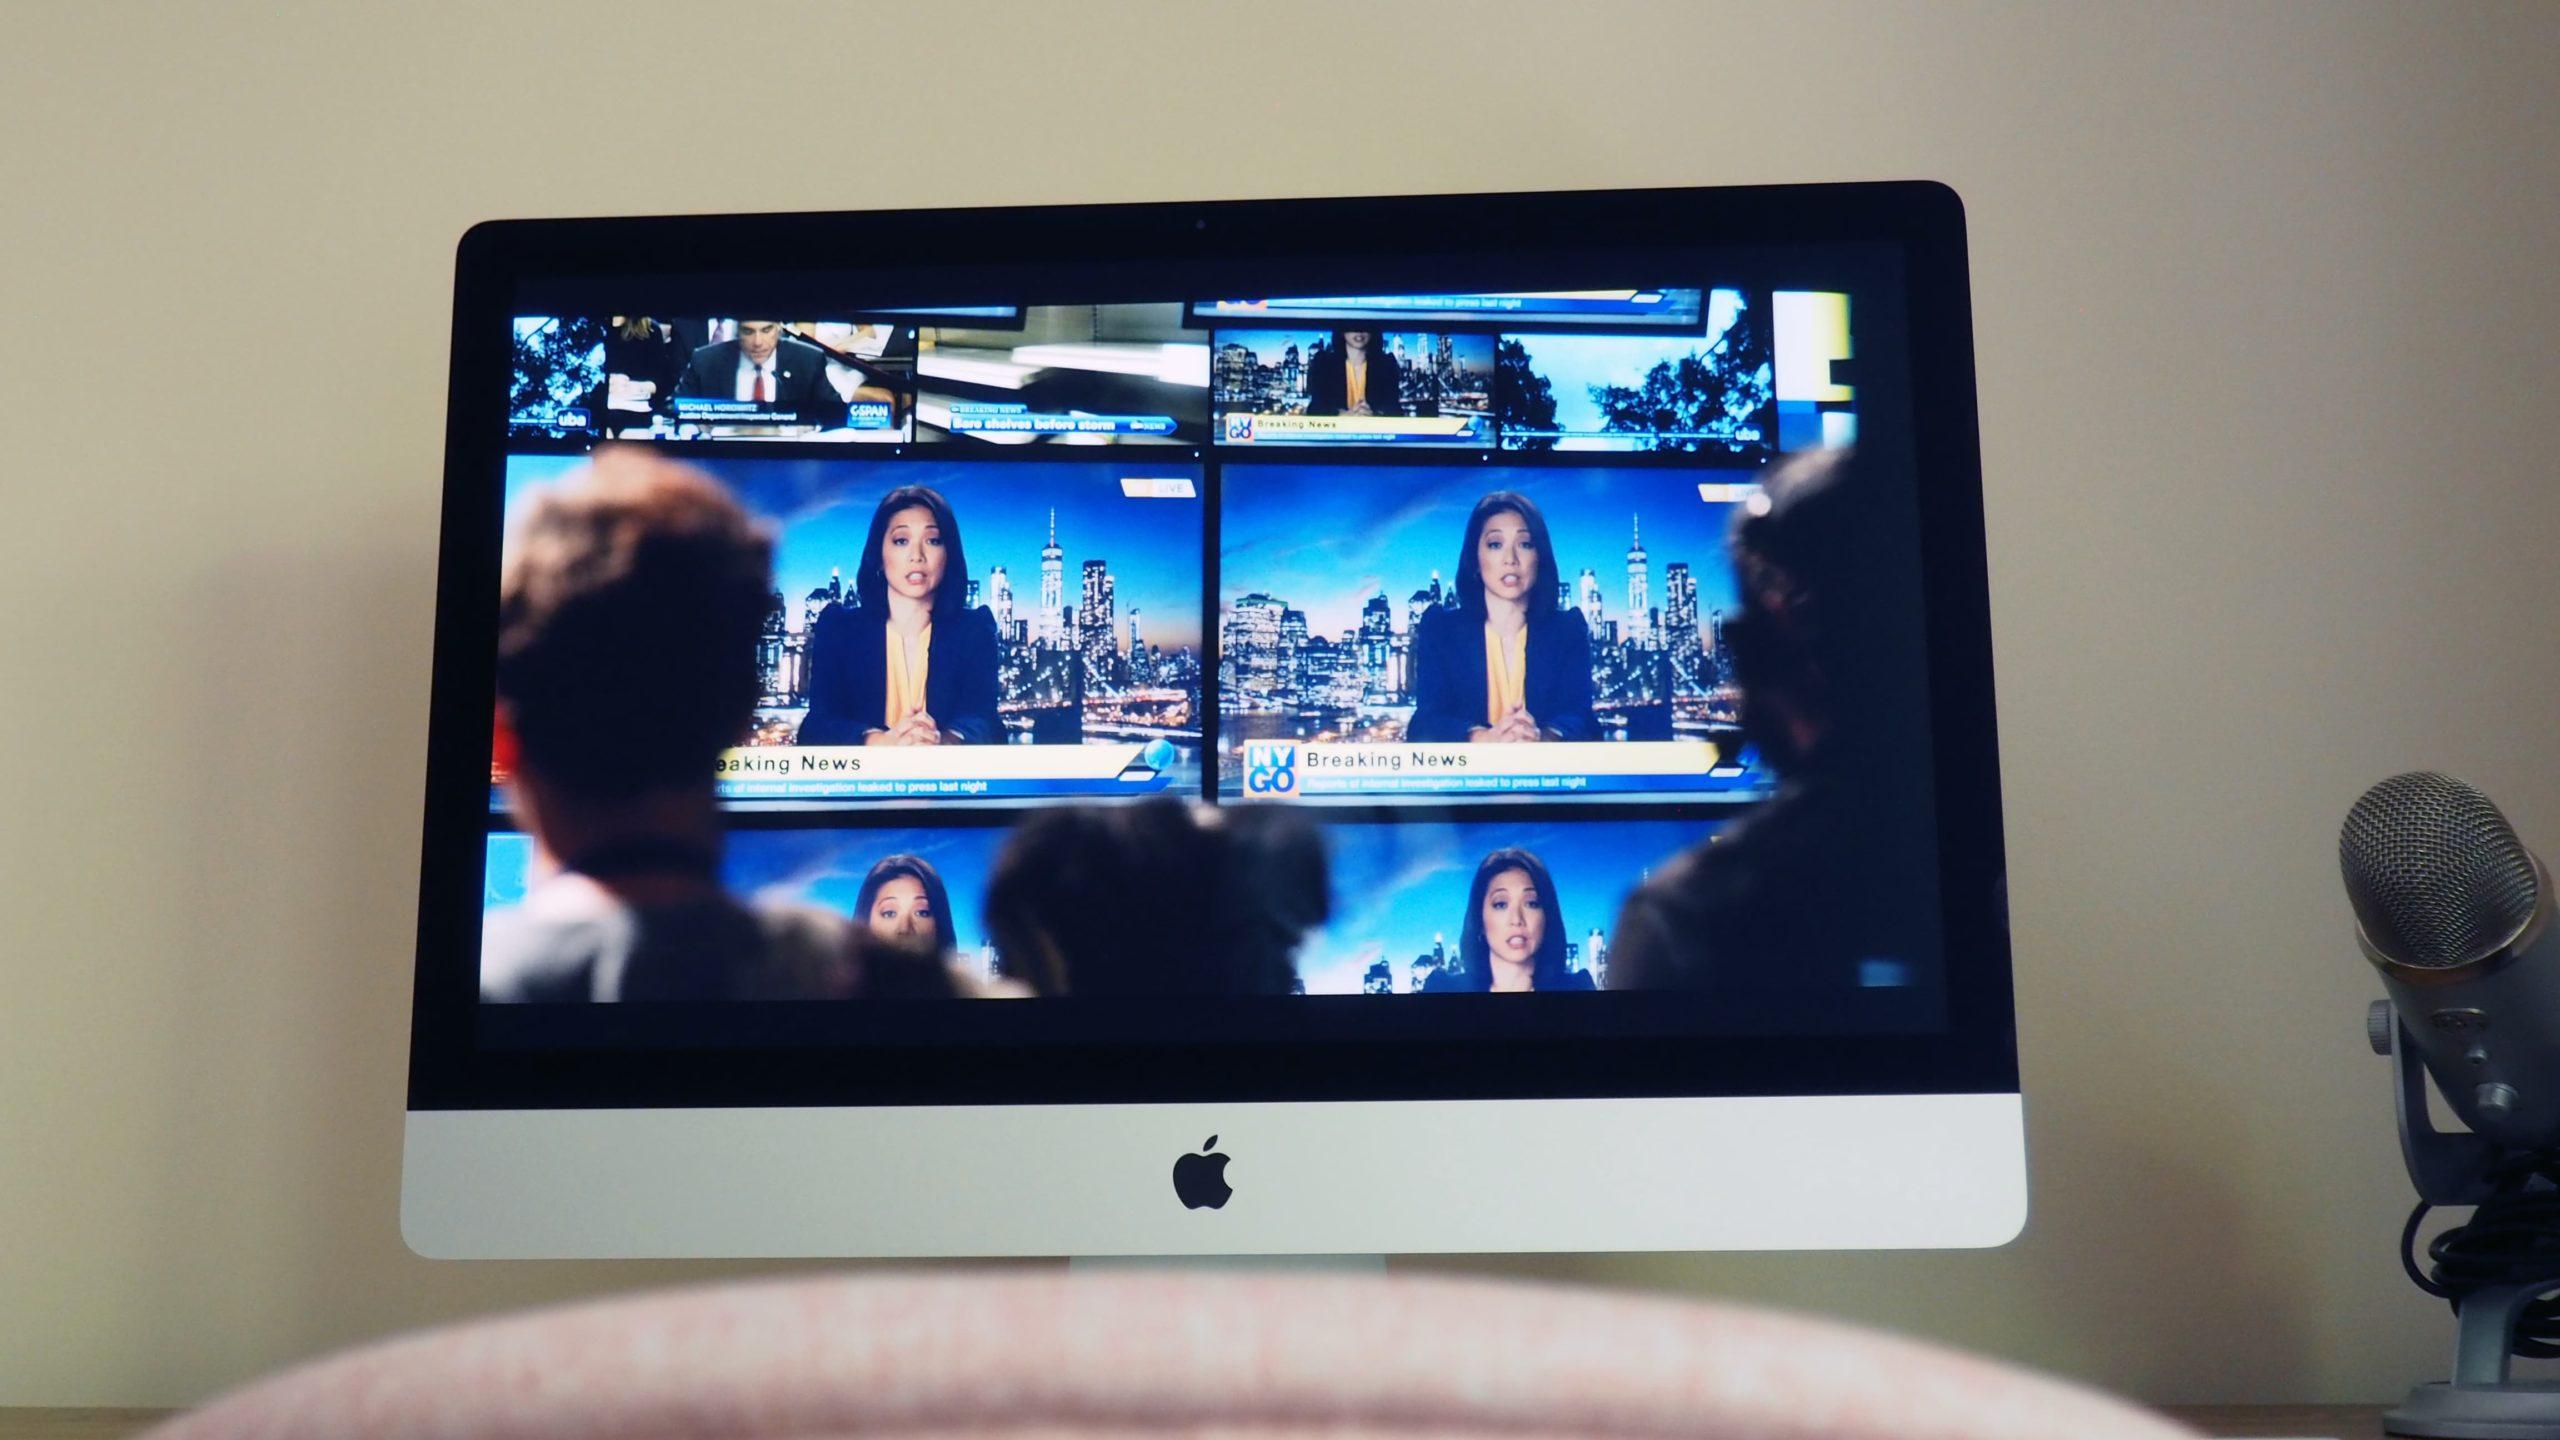 Olhar a tela de nano-textura do iMac é tão confortável que quero este tipo de tela em todos os dispositivos. iMac de 27 polegadas. Crédito: Caitlin McGarry/Gizmodo